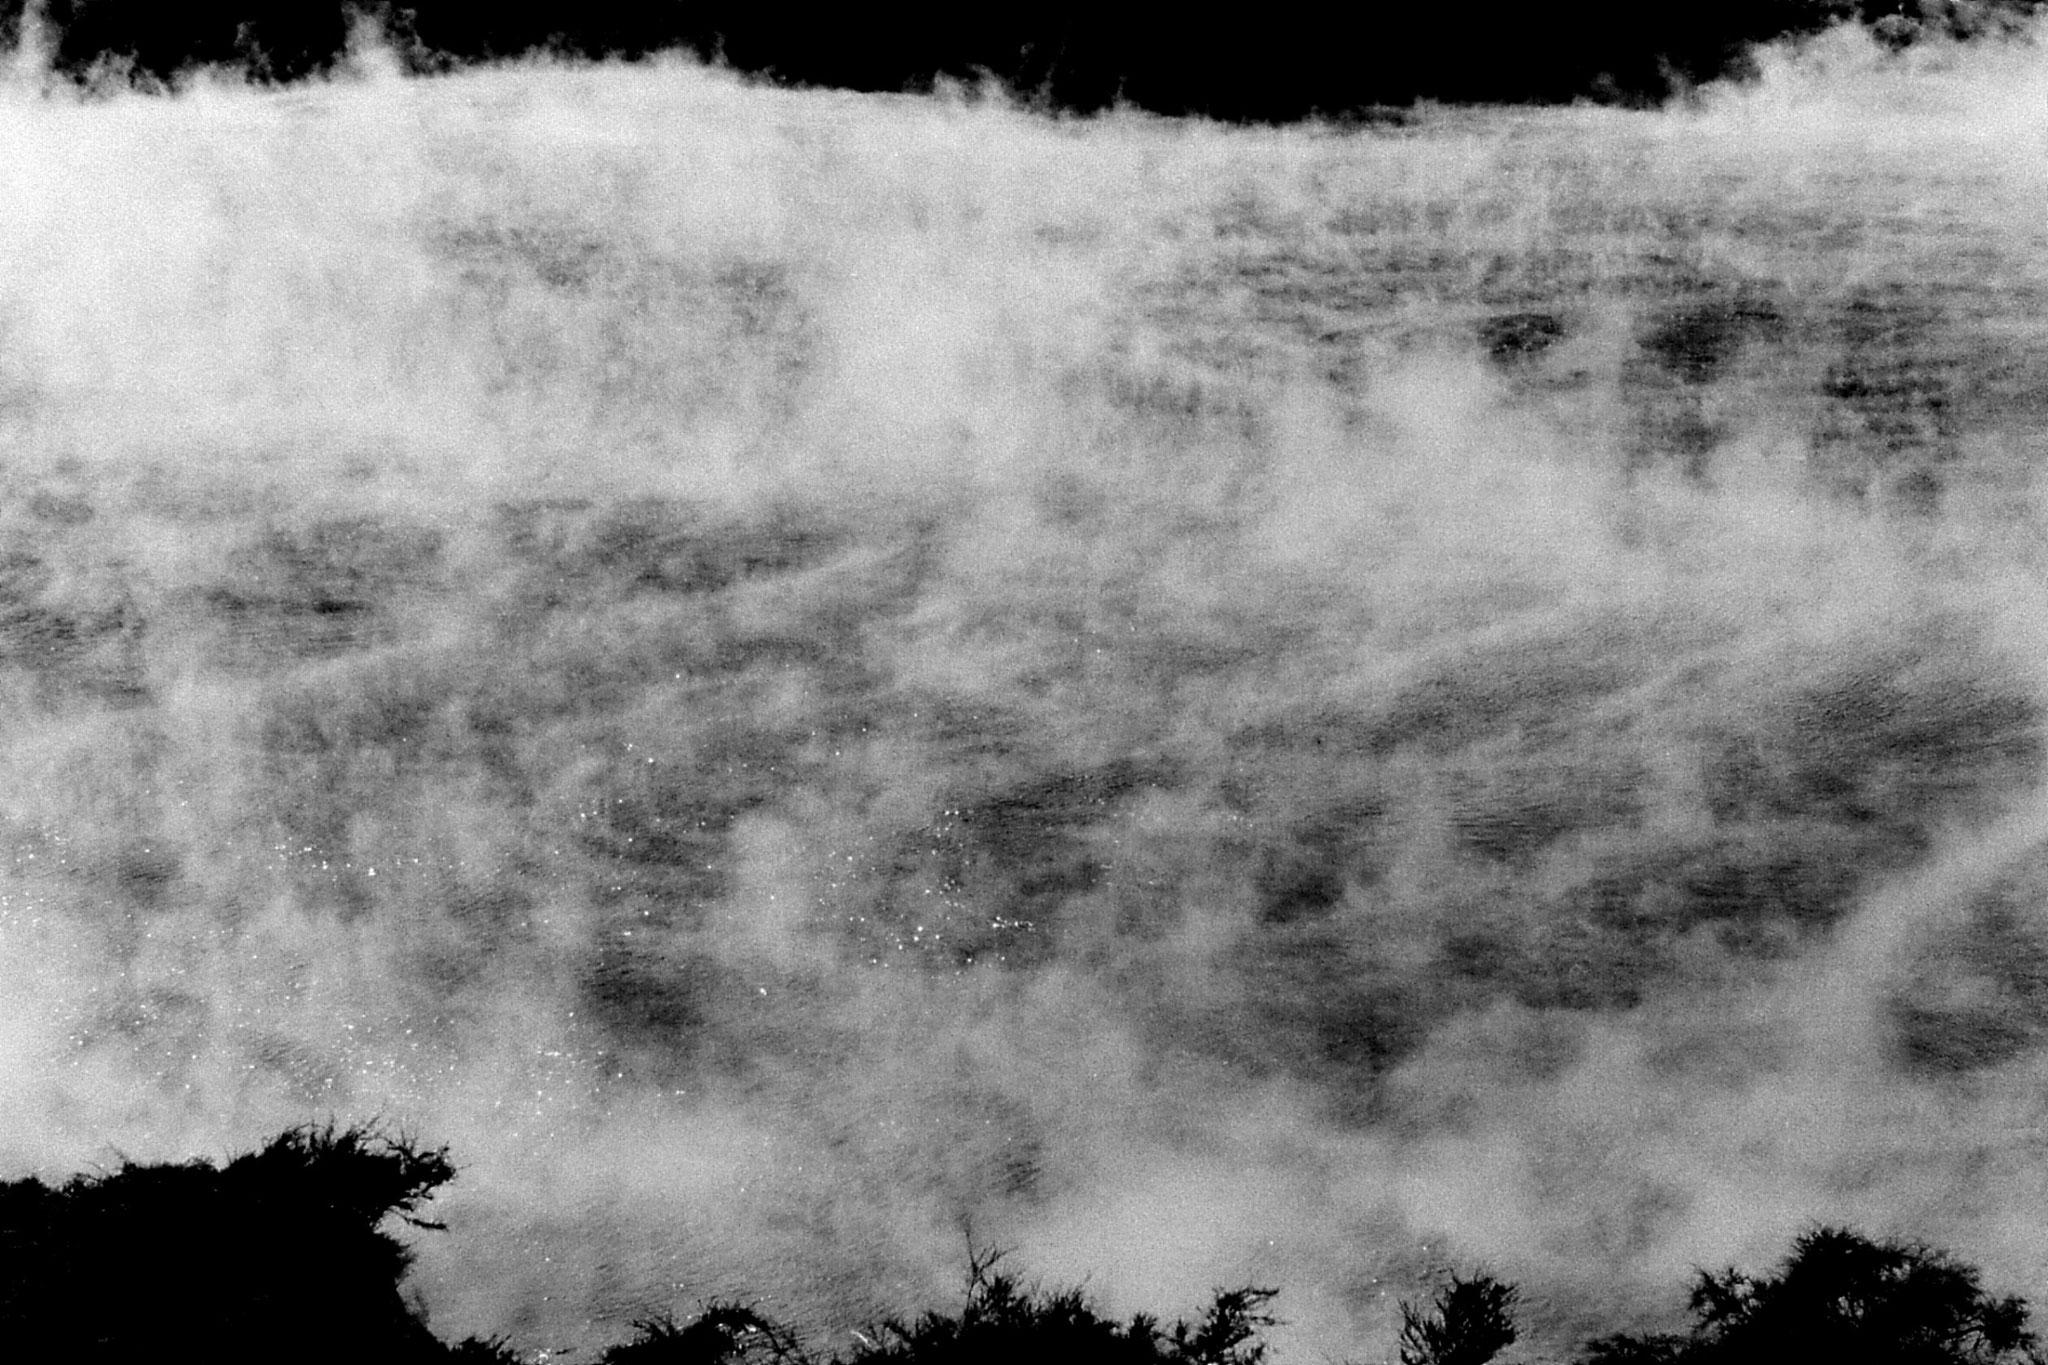 31/8/1990: 10: Waimangu cauldron